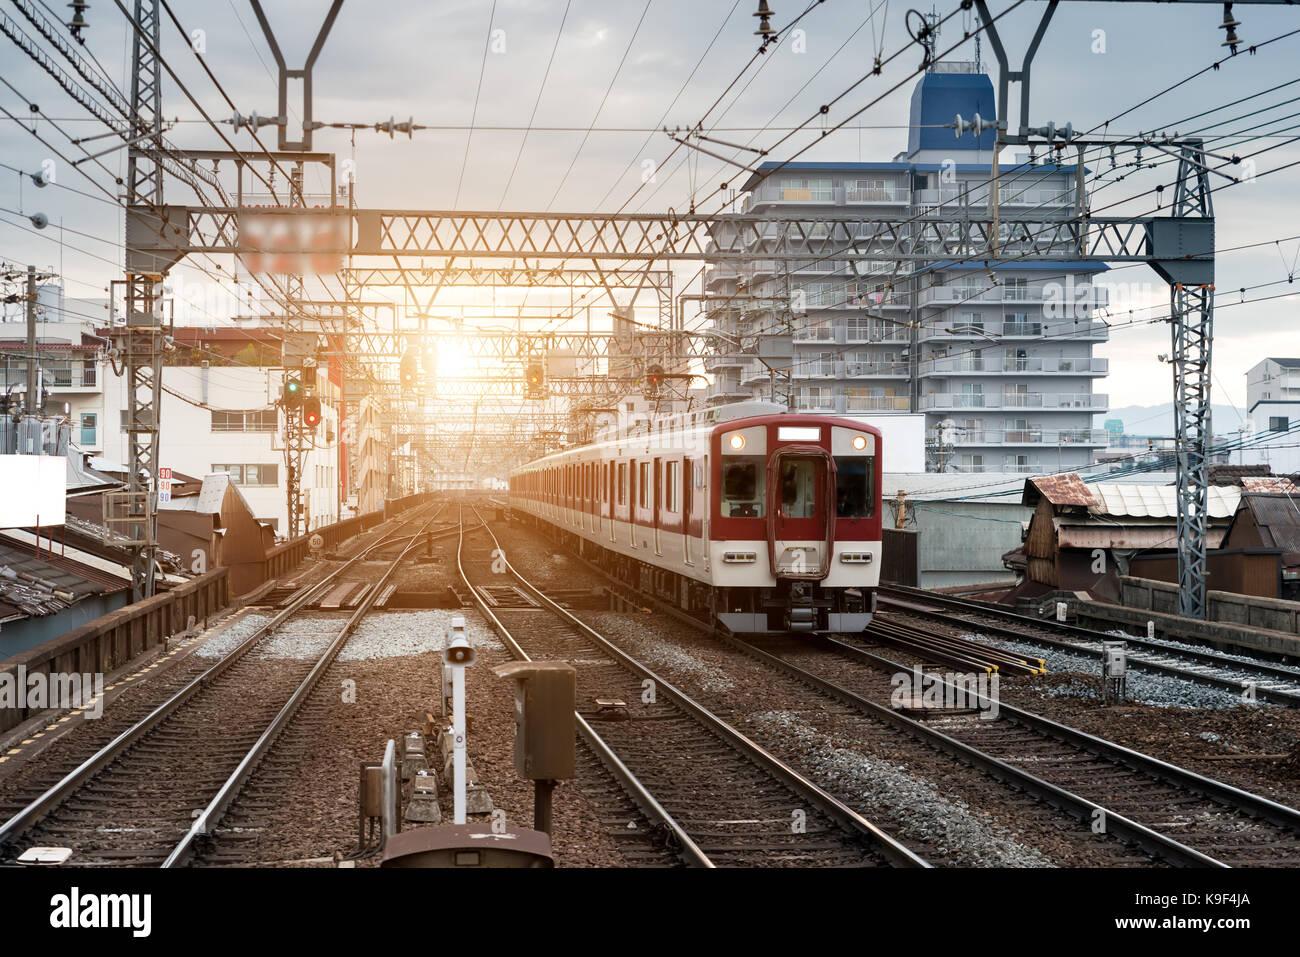 Japan Zug auf Bahnhöfen mit Skyline in Osaka, Japan für den Transport Hintergrund Stockbild